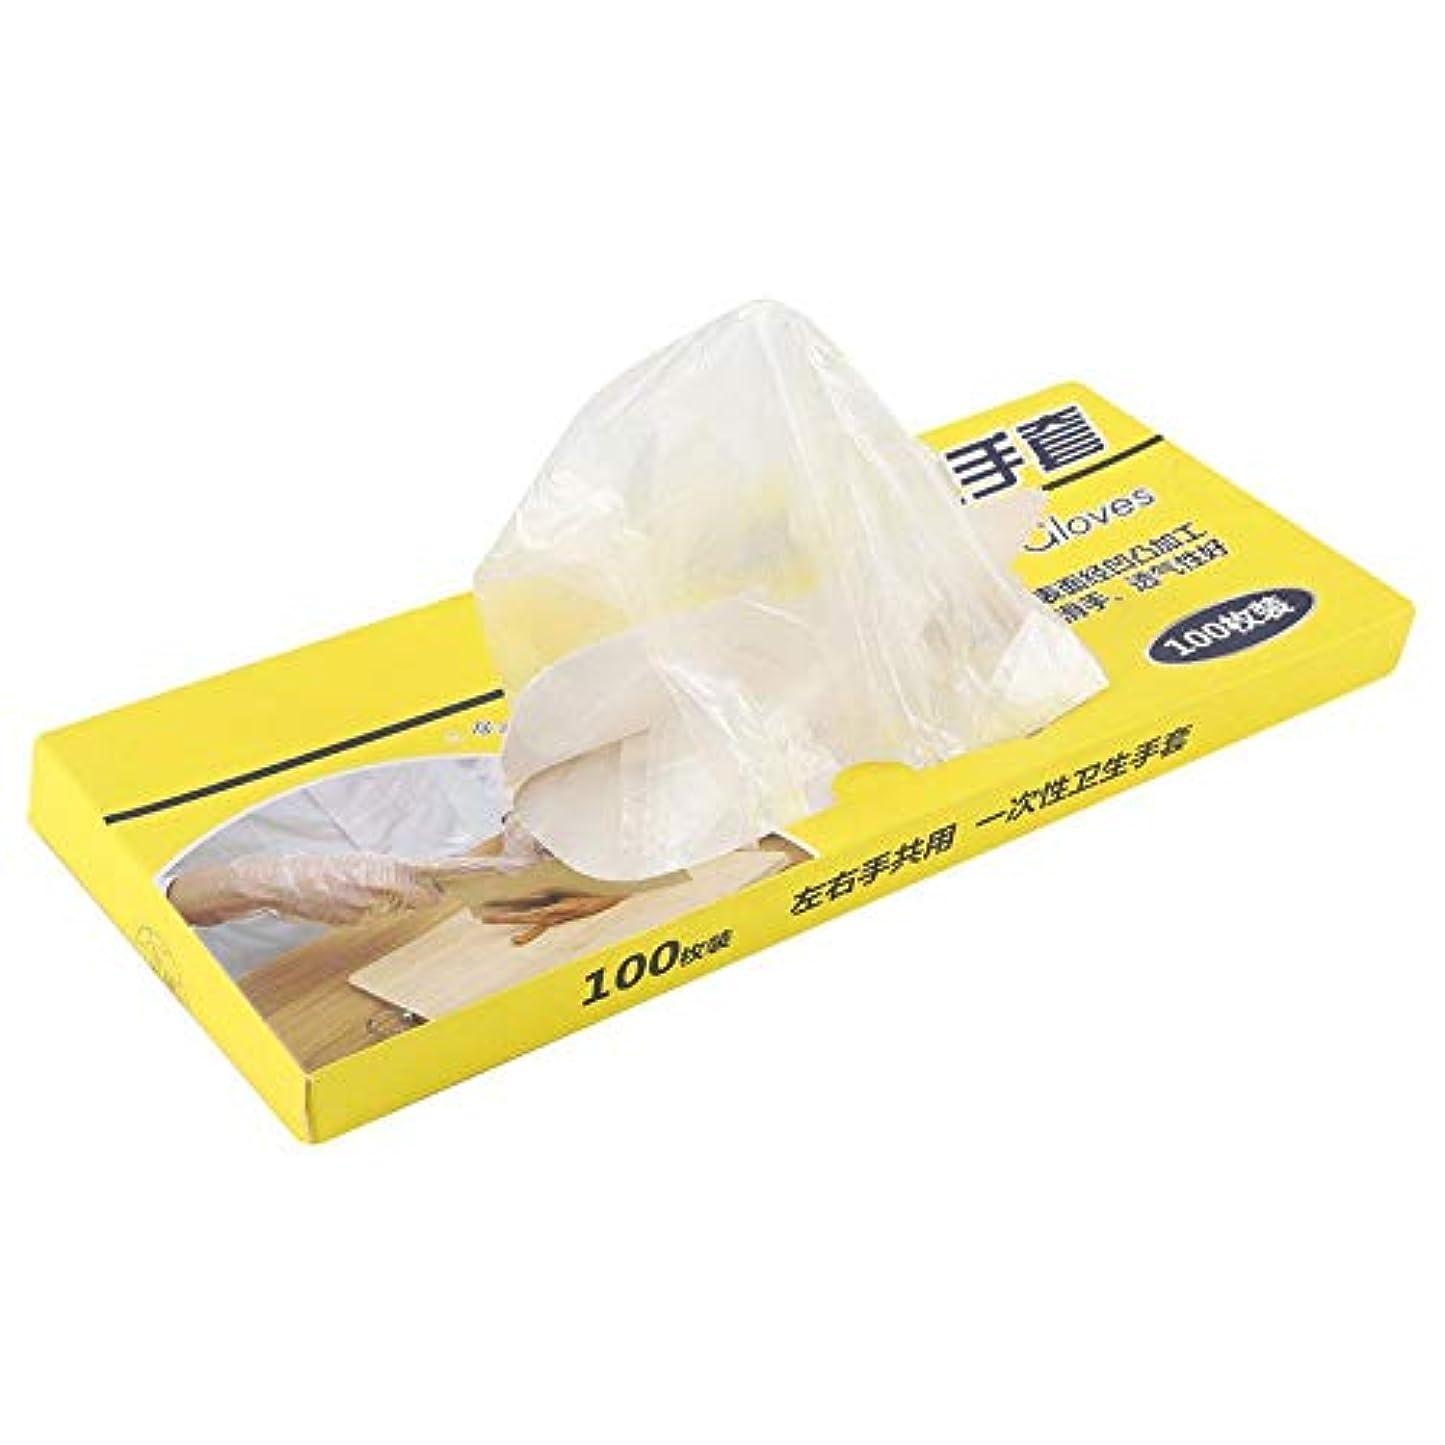 欲求不満シェフ刺すYosoo 100pcs 使い捨てポリ手袋 使い捨て手袋 極薄手袋 調理 お掃除 使い捨て手袋 極薄ビニール手袋 透明 実用 衛生